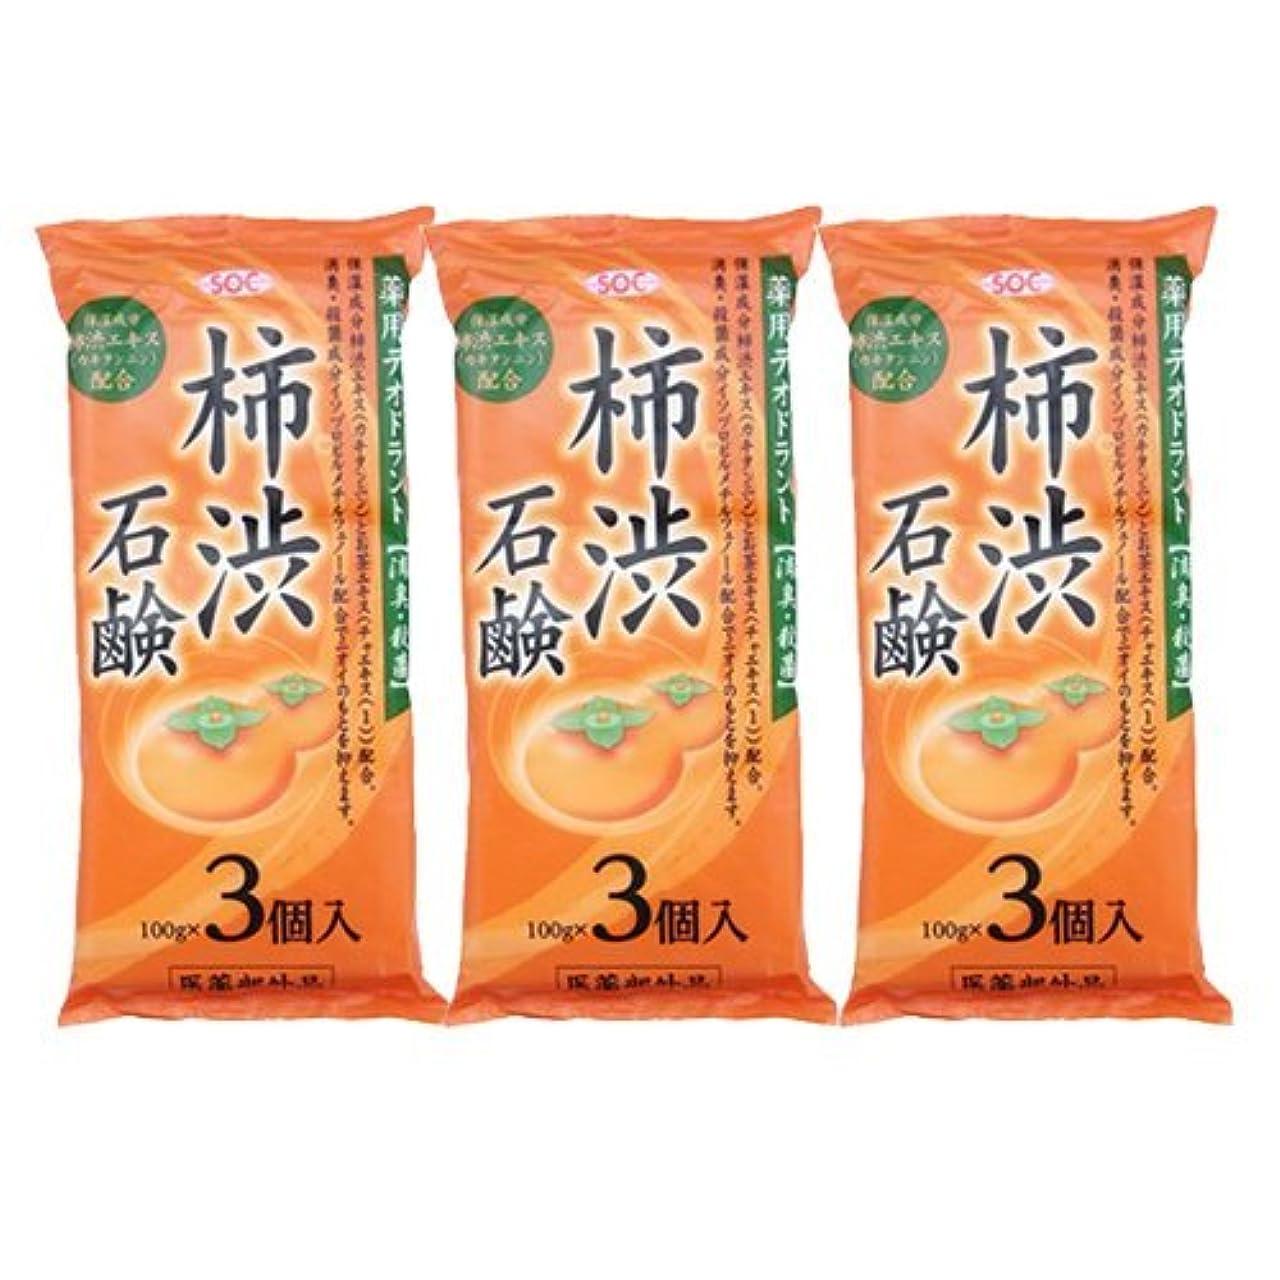 所持モスクダーベビルのテス渋谷油脂 SOC 薬用柿渋石鹸 3P ×3袋セット (100g×9個)